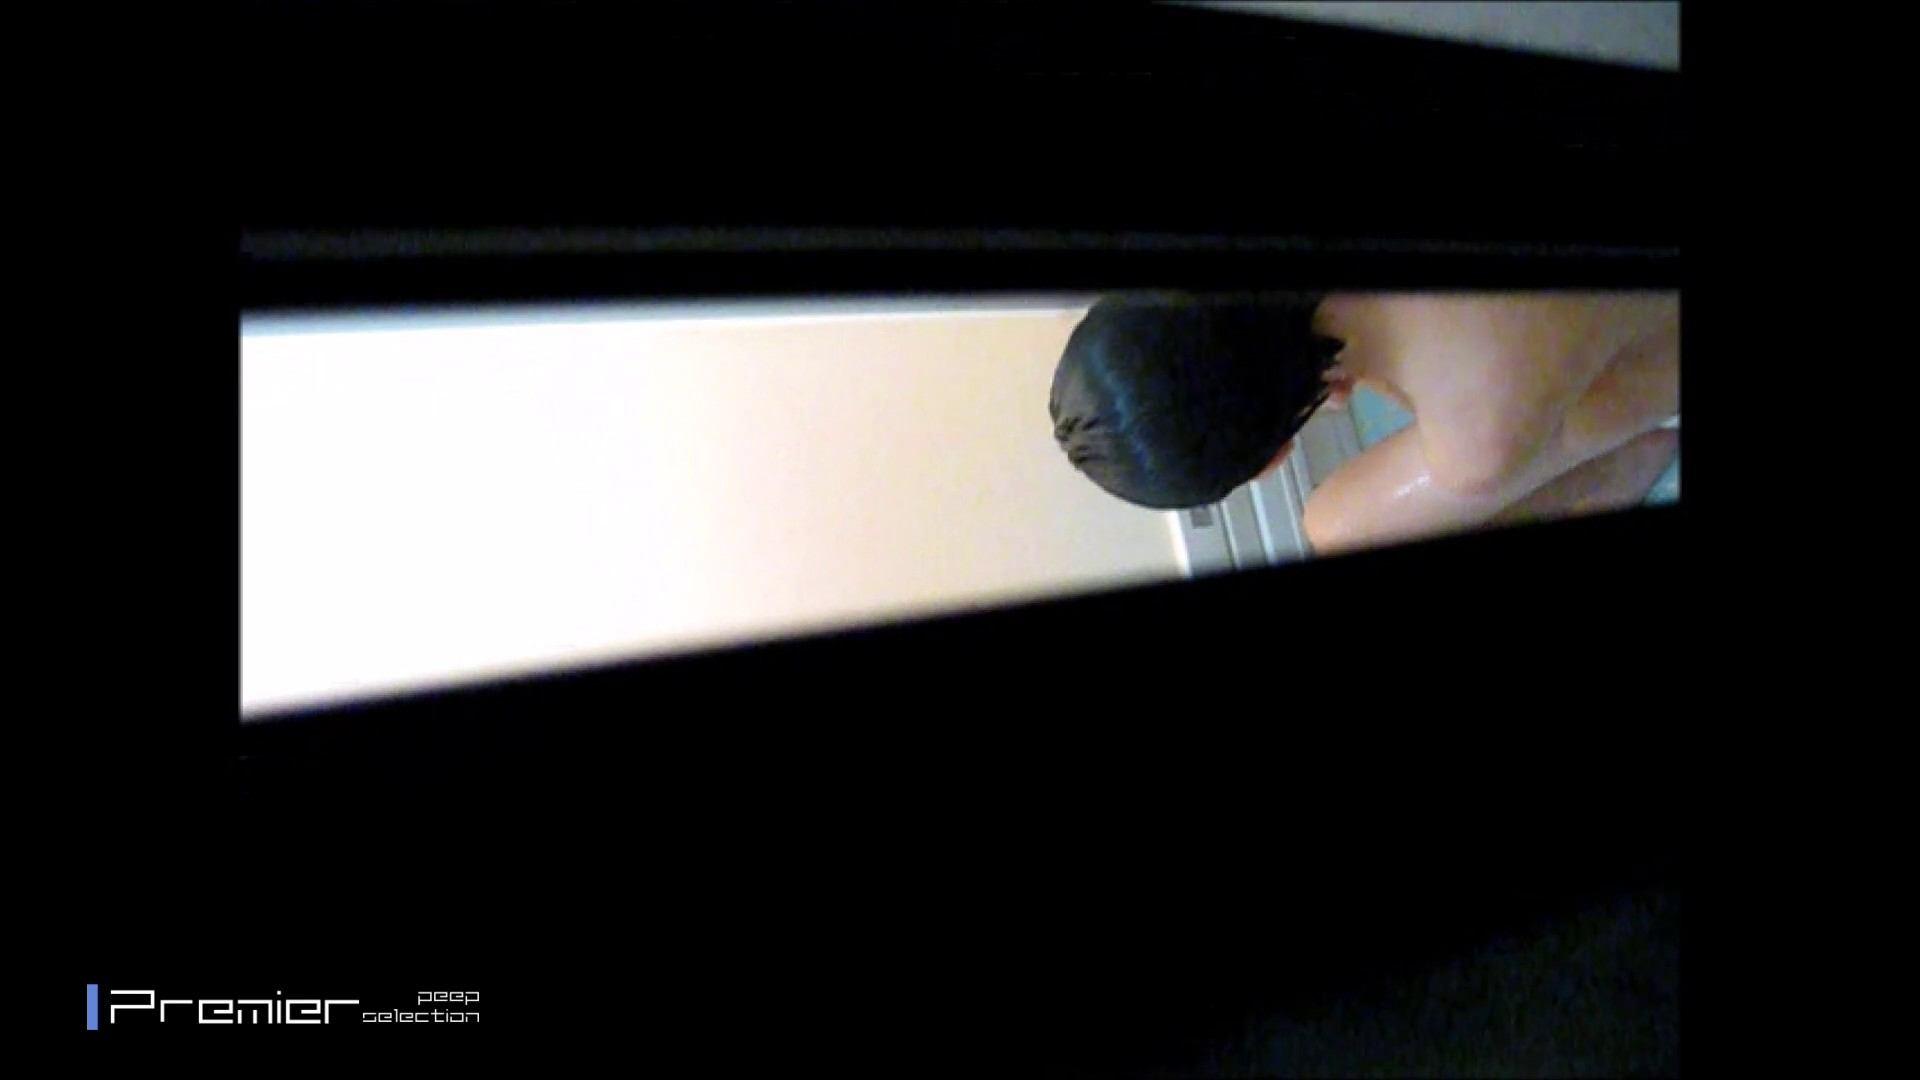 スレンダー美女の桃色乳首 乙女の風呂場 Vol.09 盗撮 オマンコ動画キャプチャ 77PIX 11